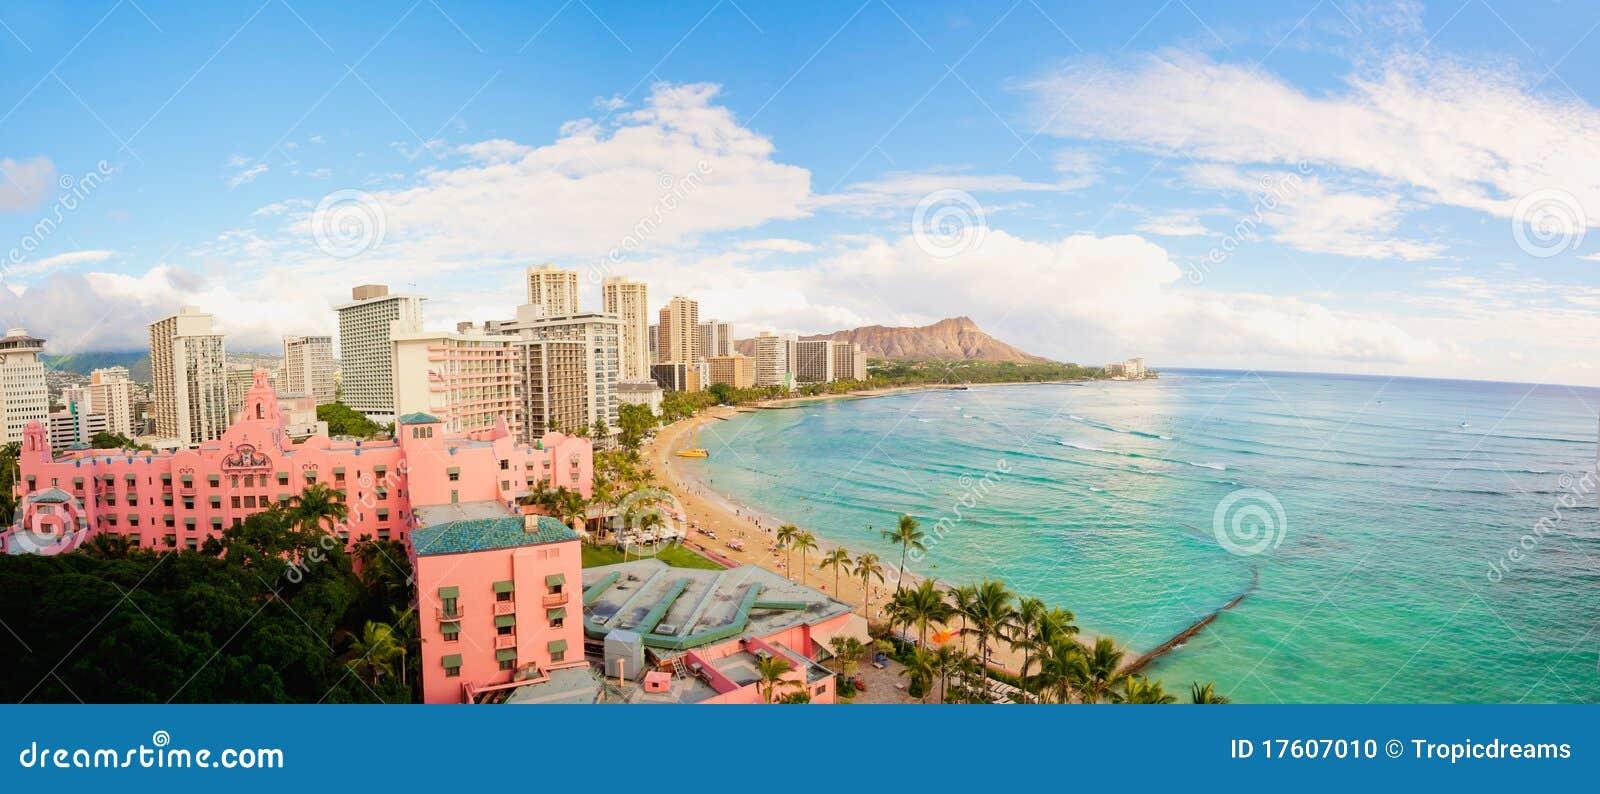 Stazione balneare dell Hawai